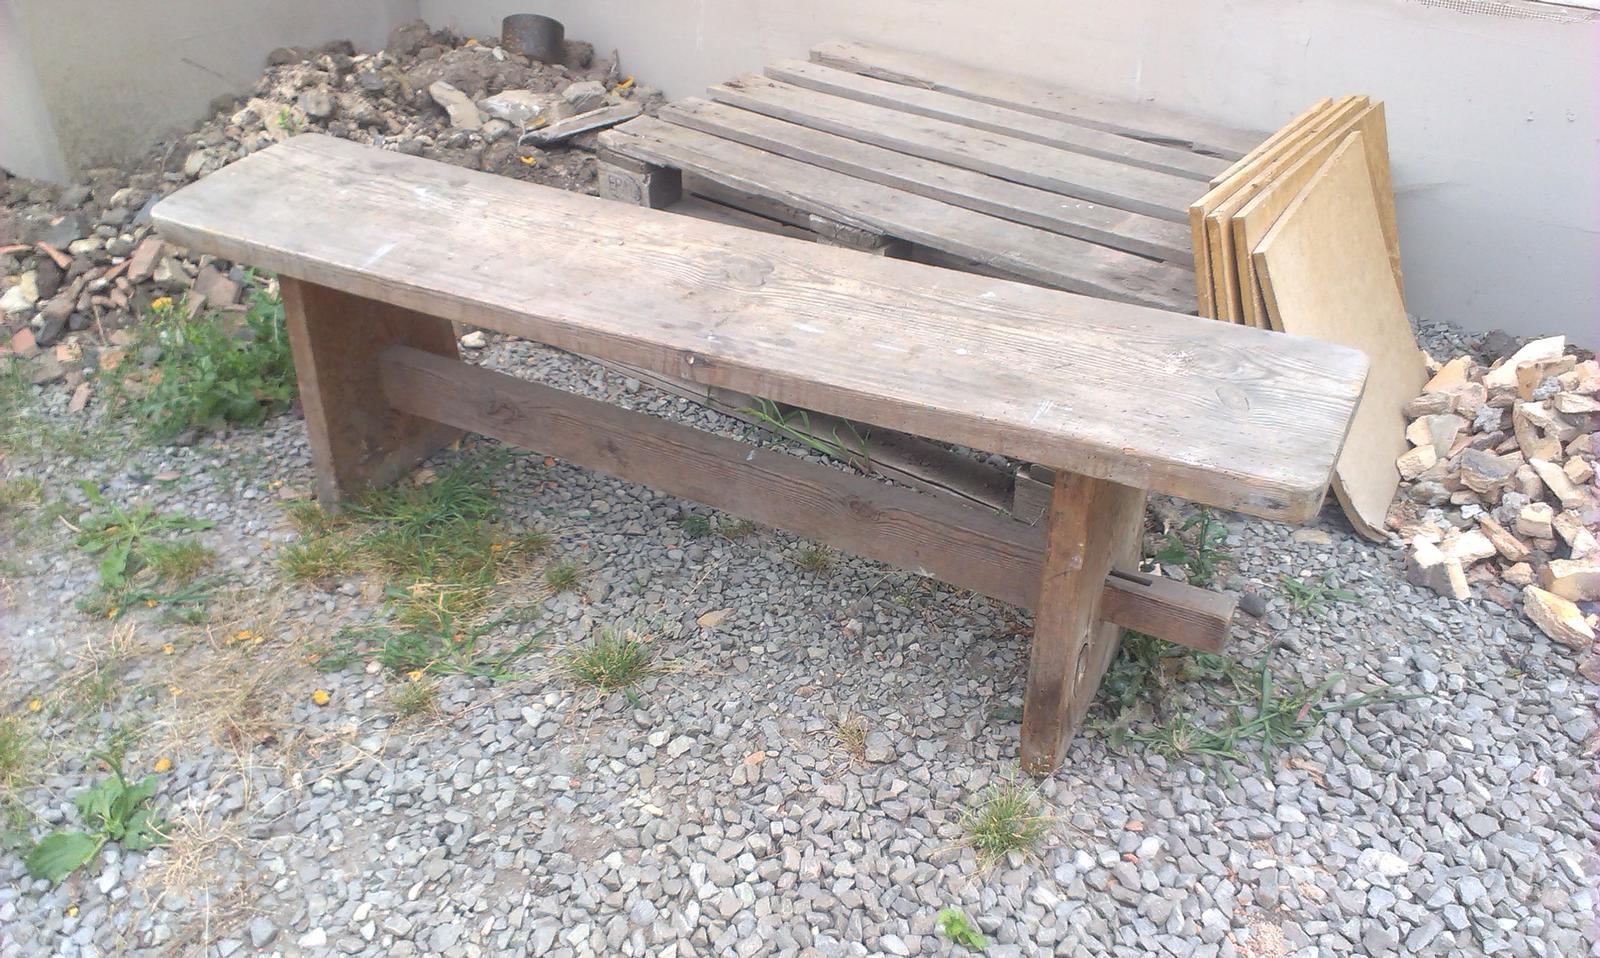 HAND MADE - Vykšeftovala som si starú masívnu lavičku, to bude pracovný víkend - Lignofix, brúska a vosk - už sa teším :-)